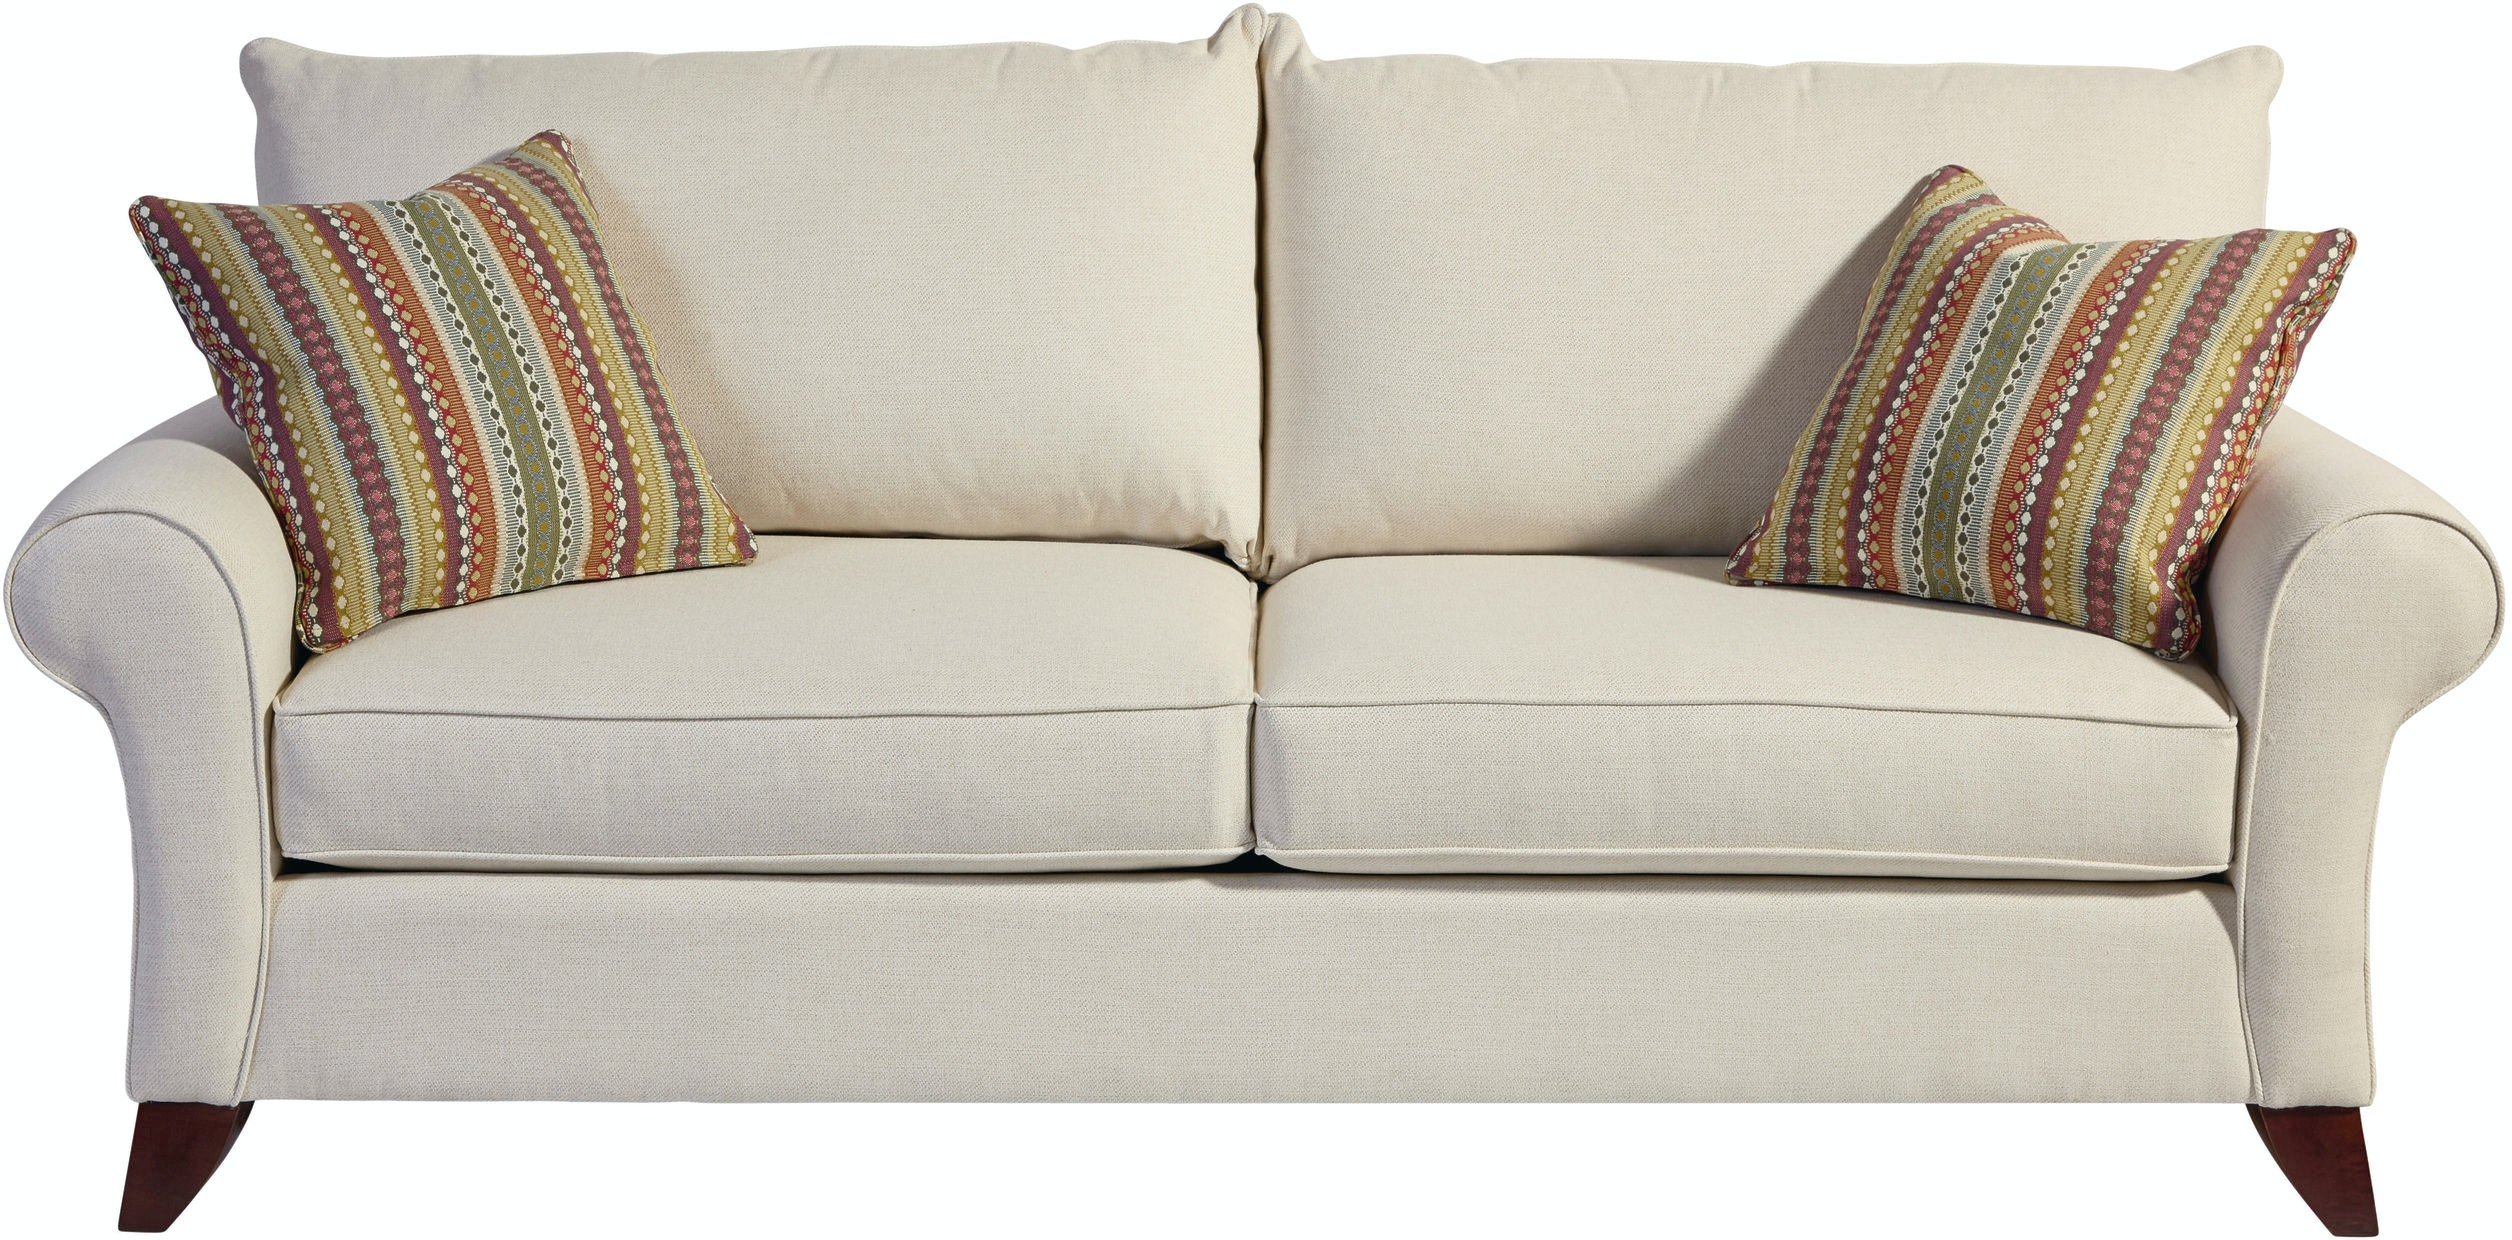 Living Room Sofas Talsma Furniture Hudsonville Holland Byron